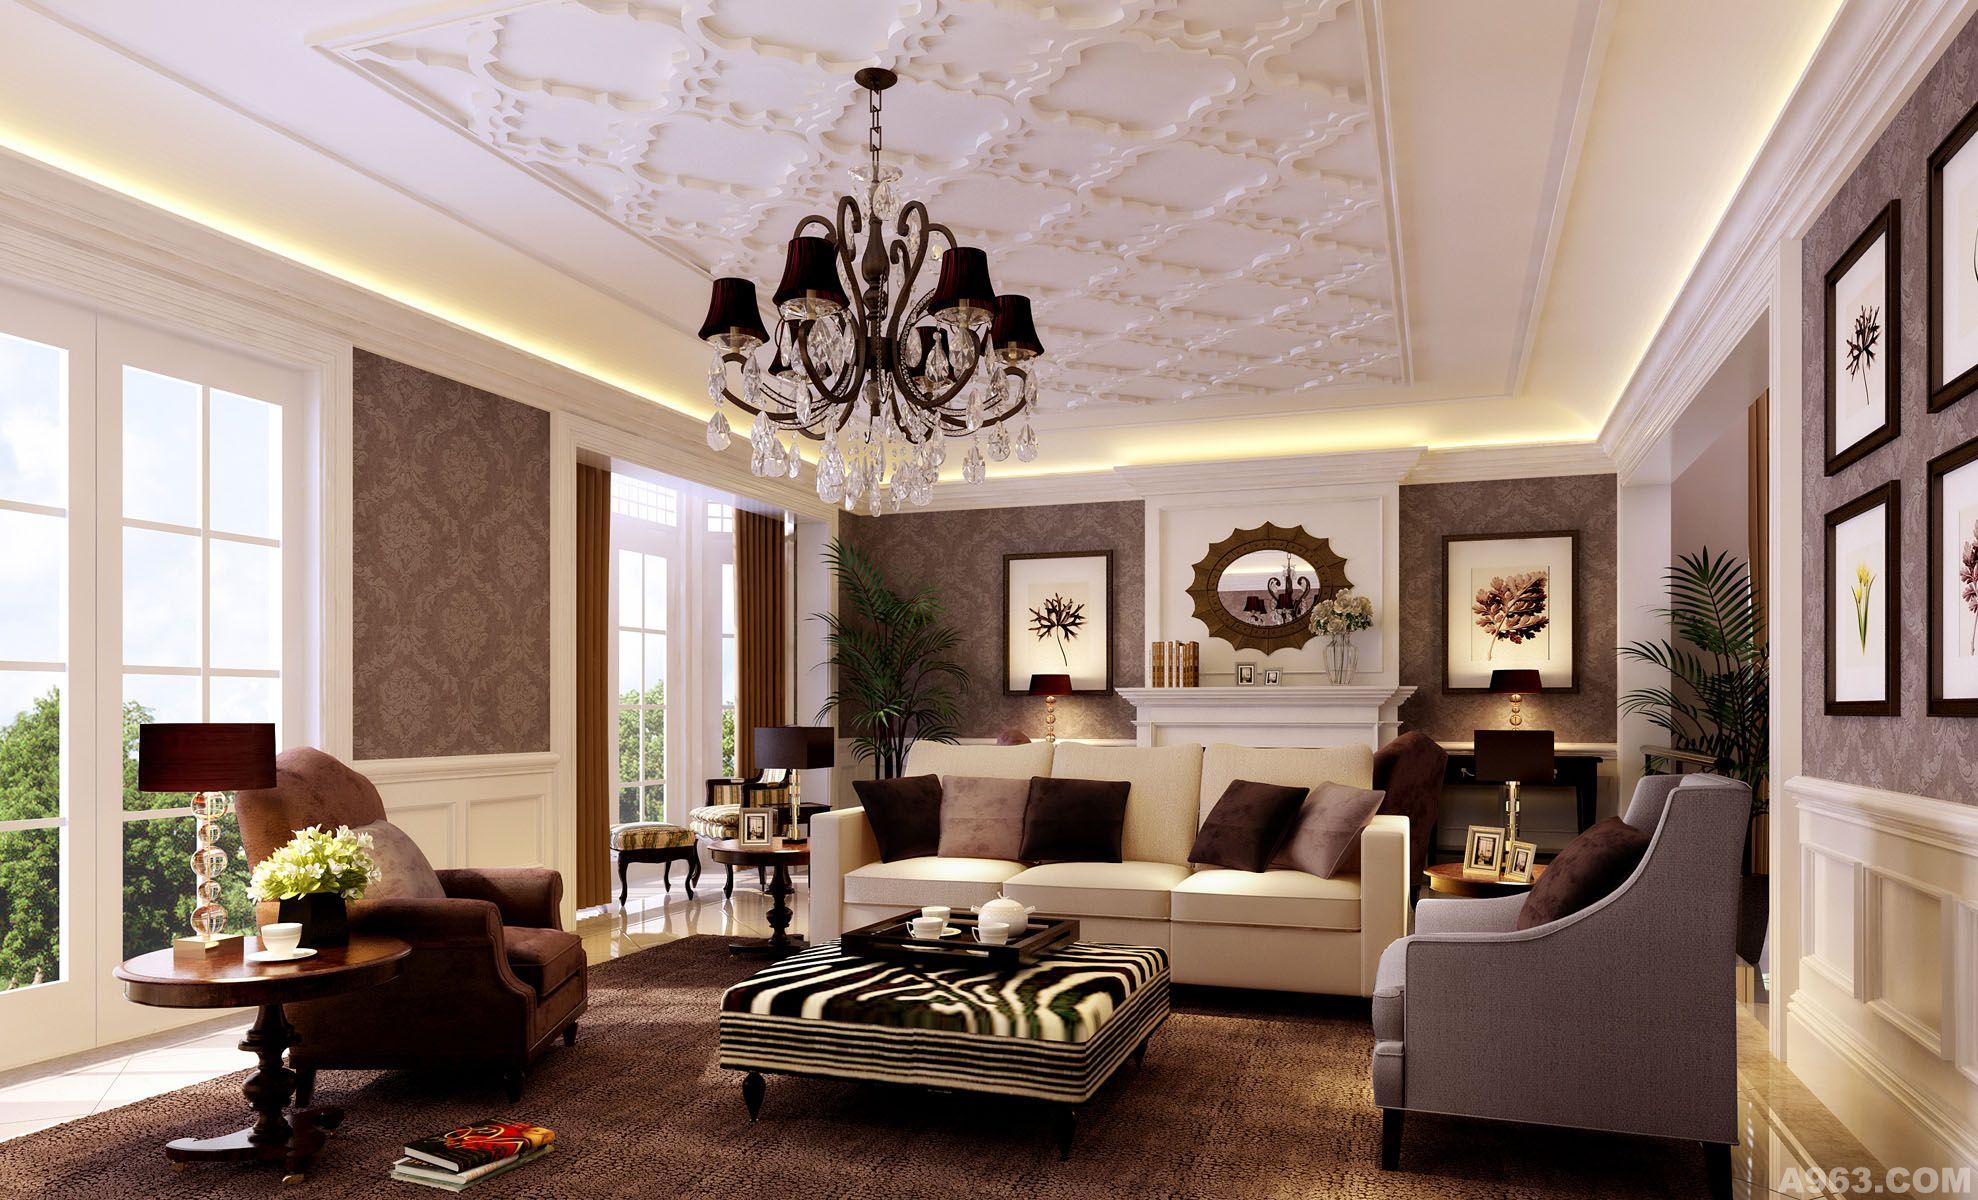 欧式风 - 别墅豪宅 - 北京室内设计网_北京室内设计